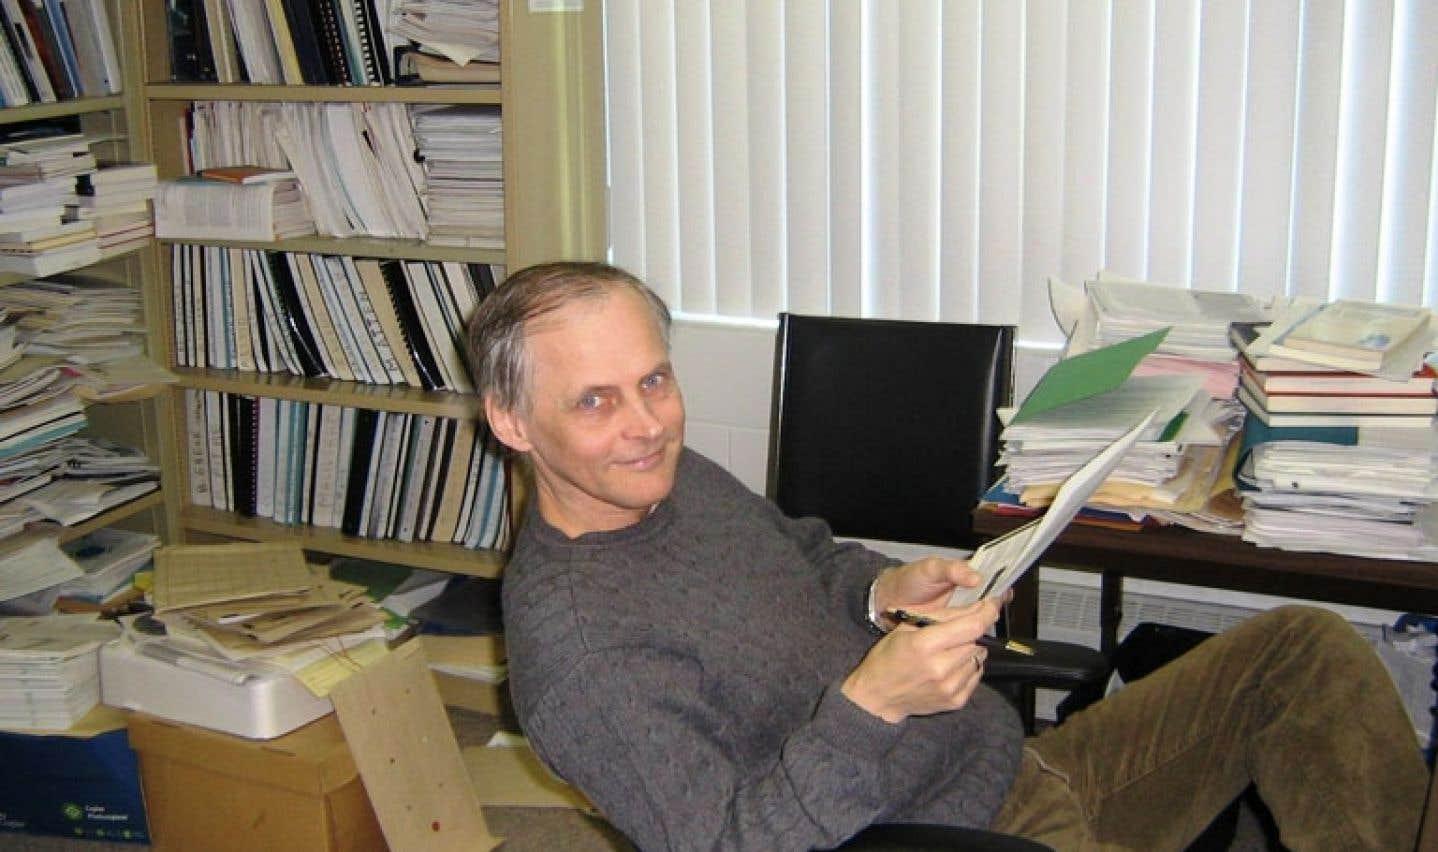 Selon Yves Gingras, titulaire de la Chaire de recherche du Canada en histoire et en sociologie des sciences à l'UQAM, les classements des universités n'ont aucune valeur scientifique.